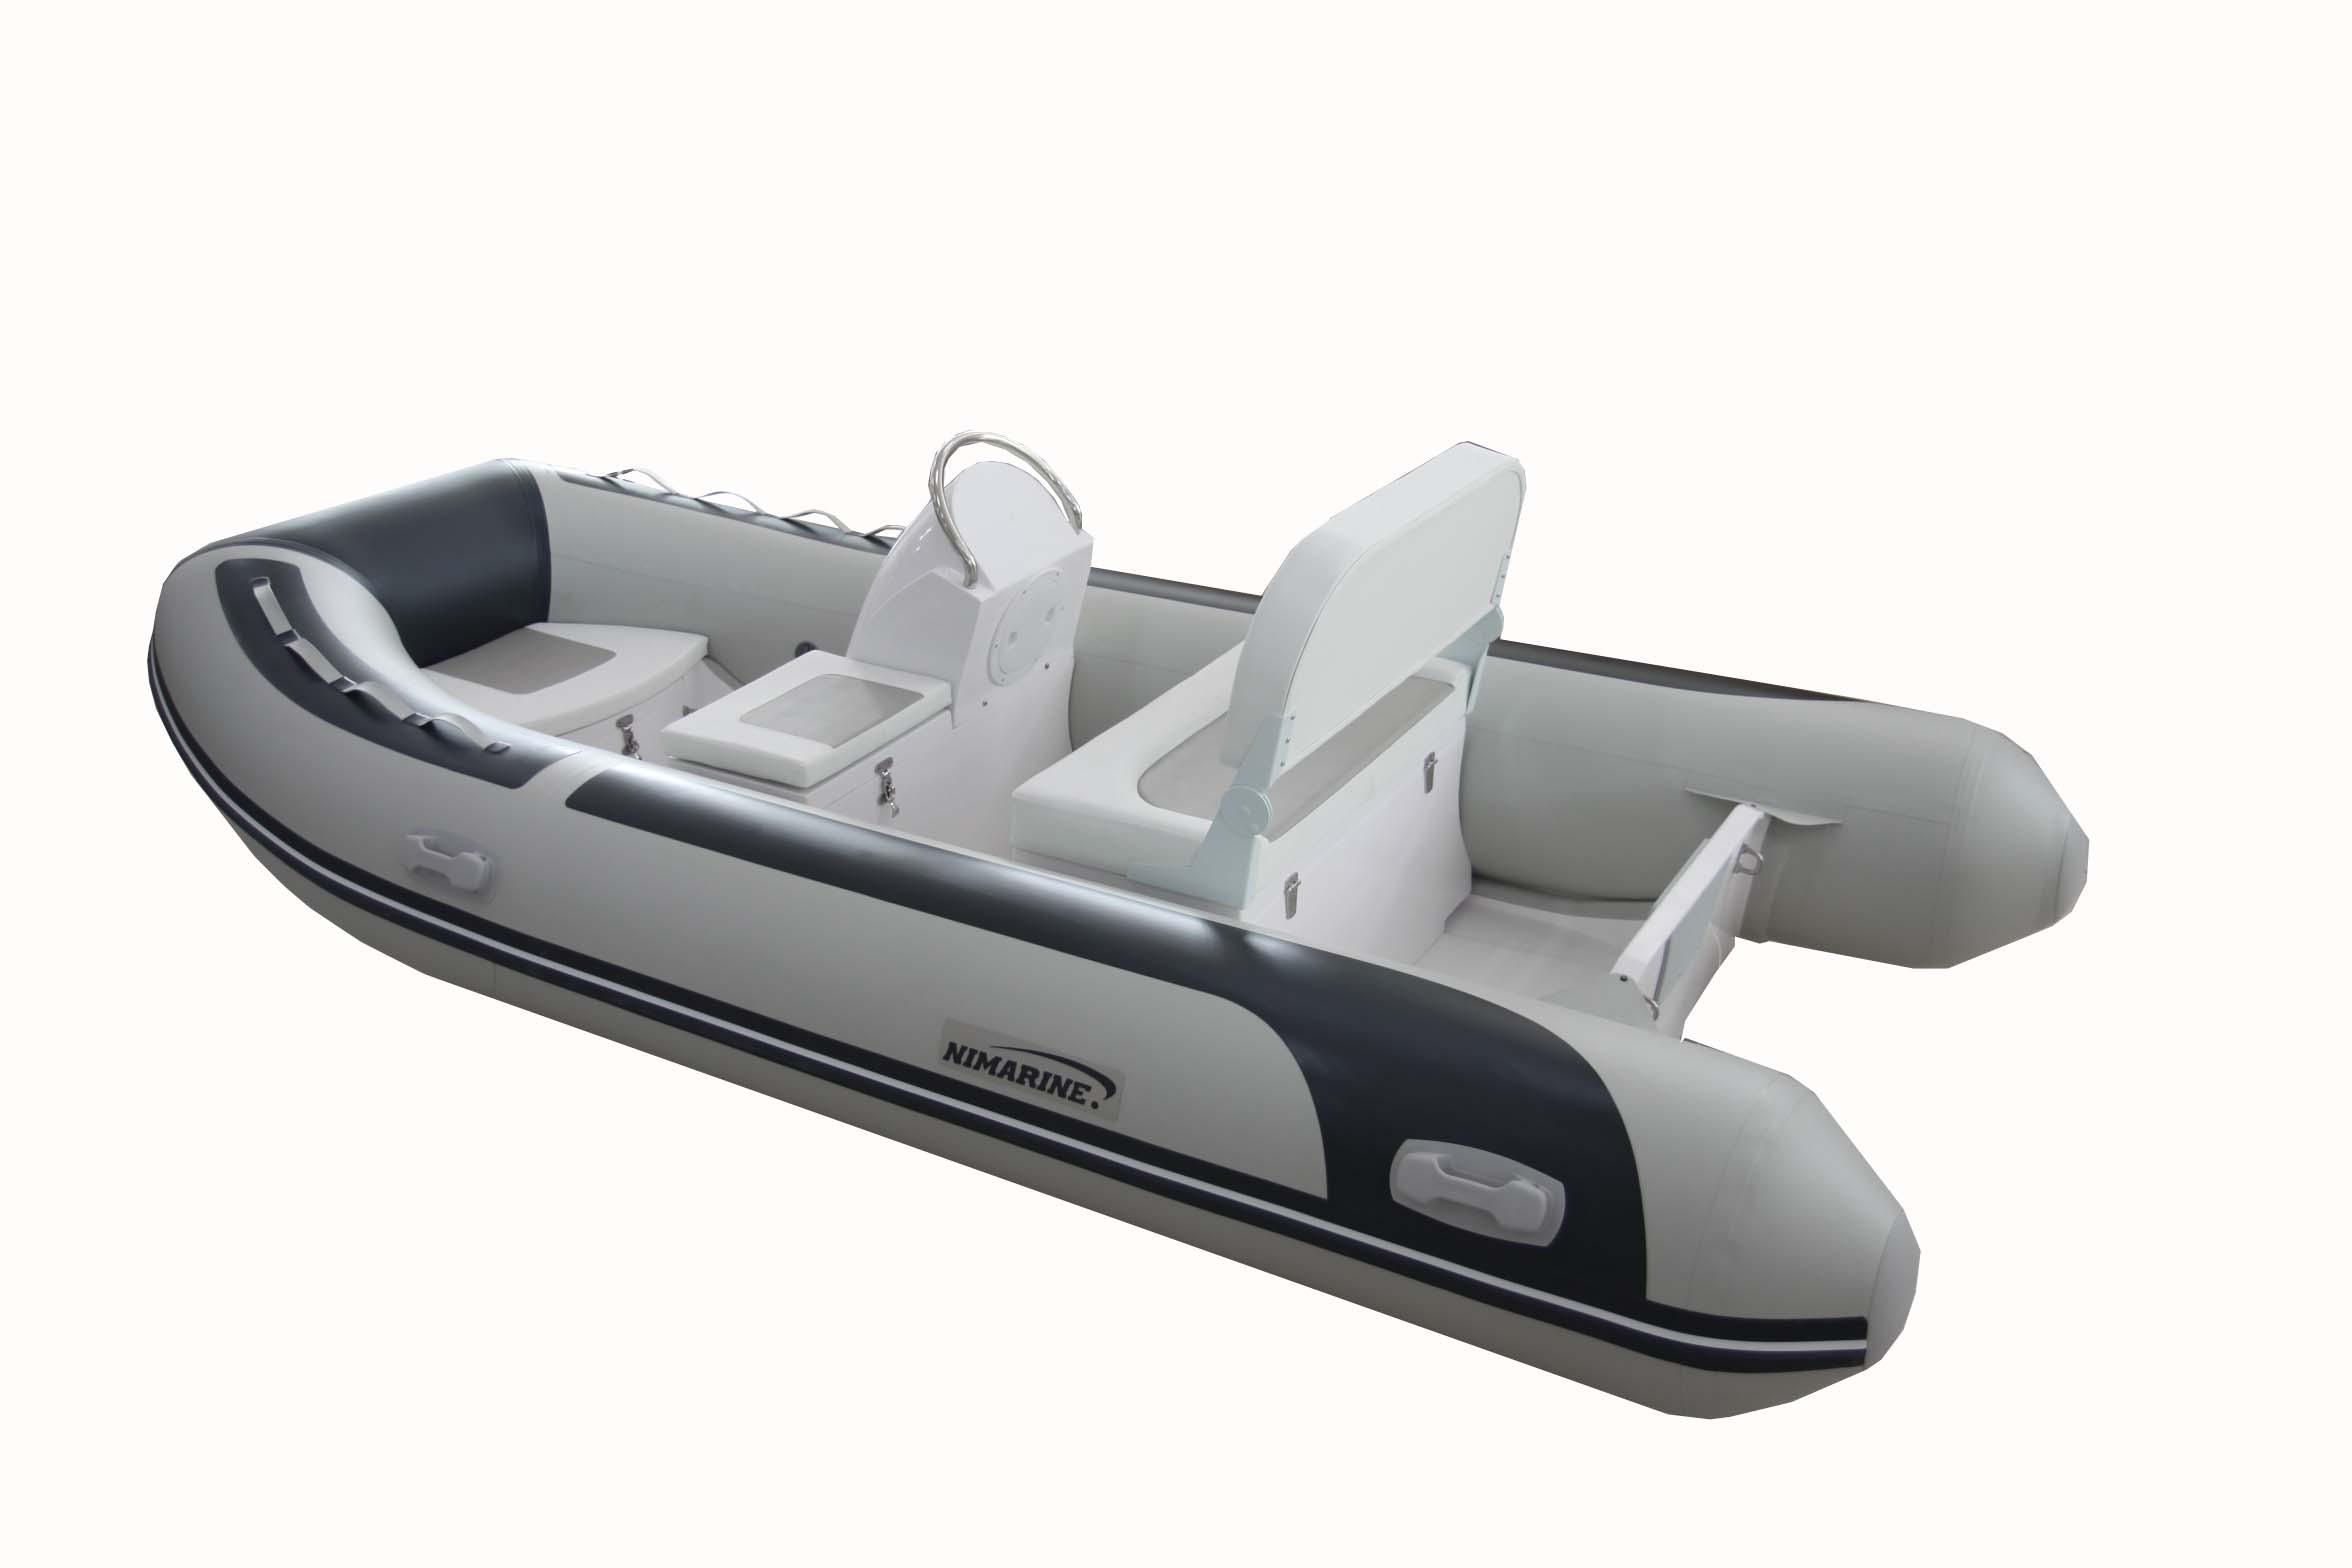 Nimarine MX 360 RIB (met console)-76571